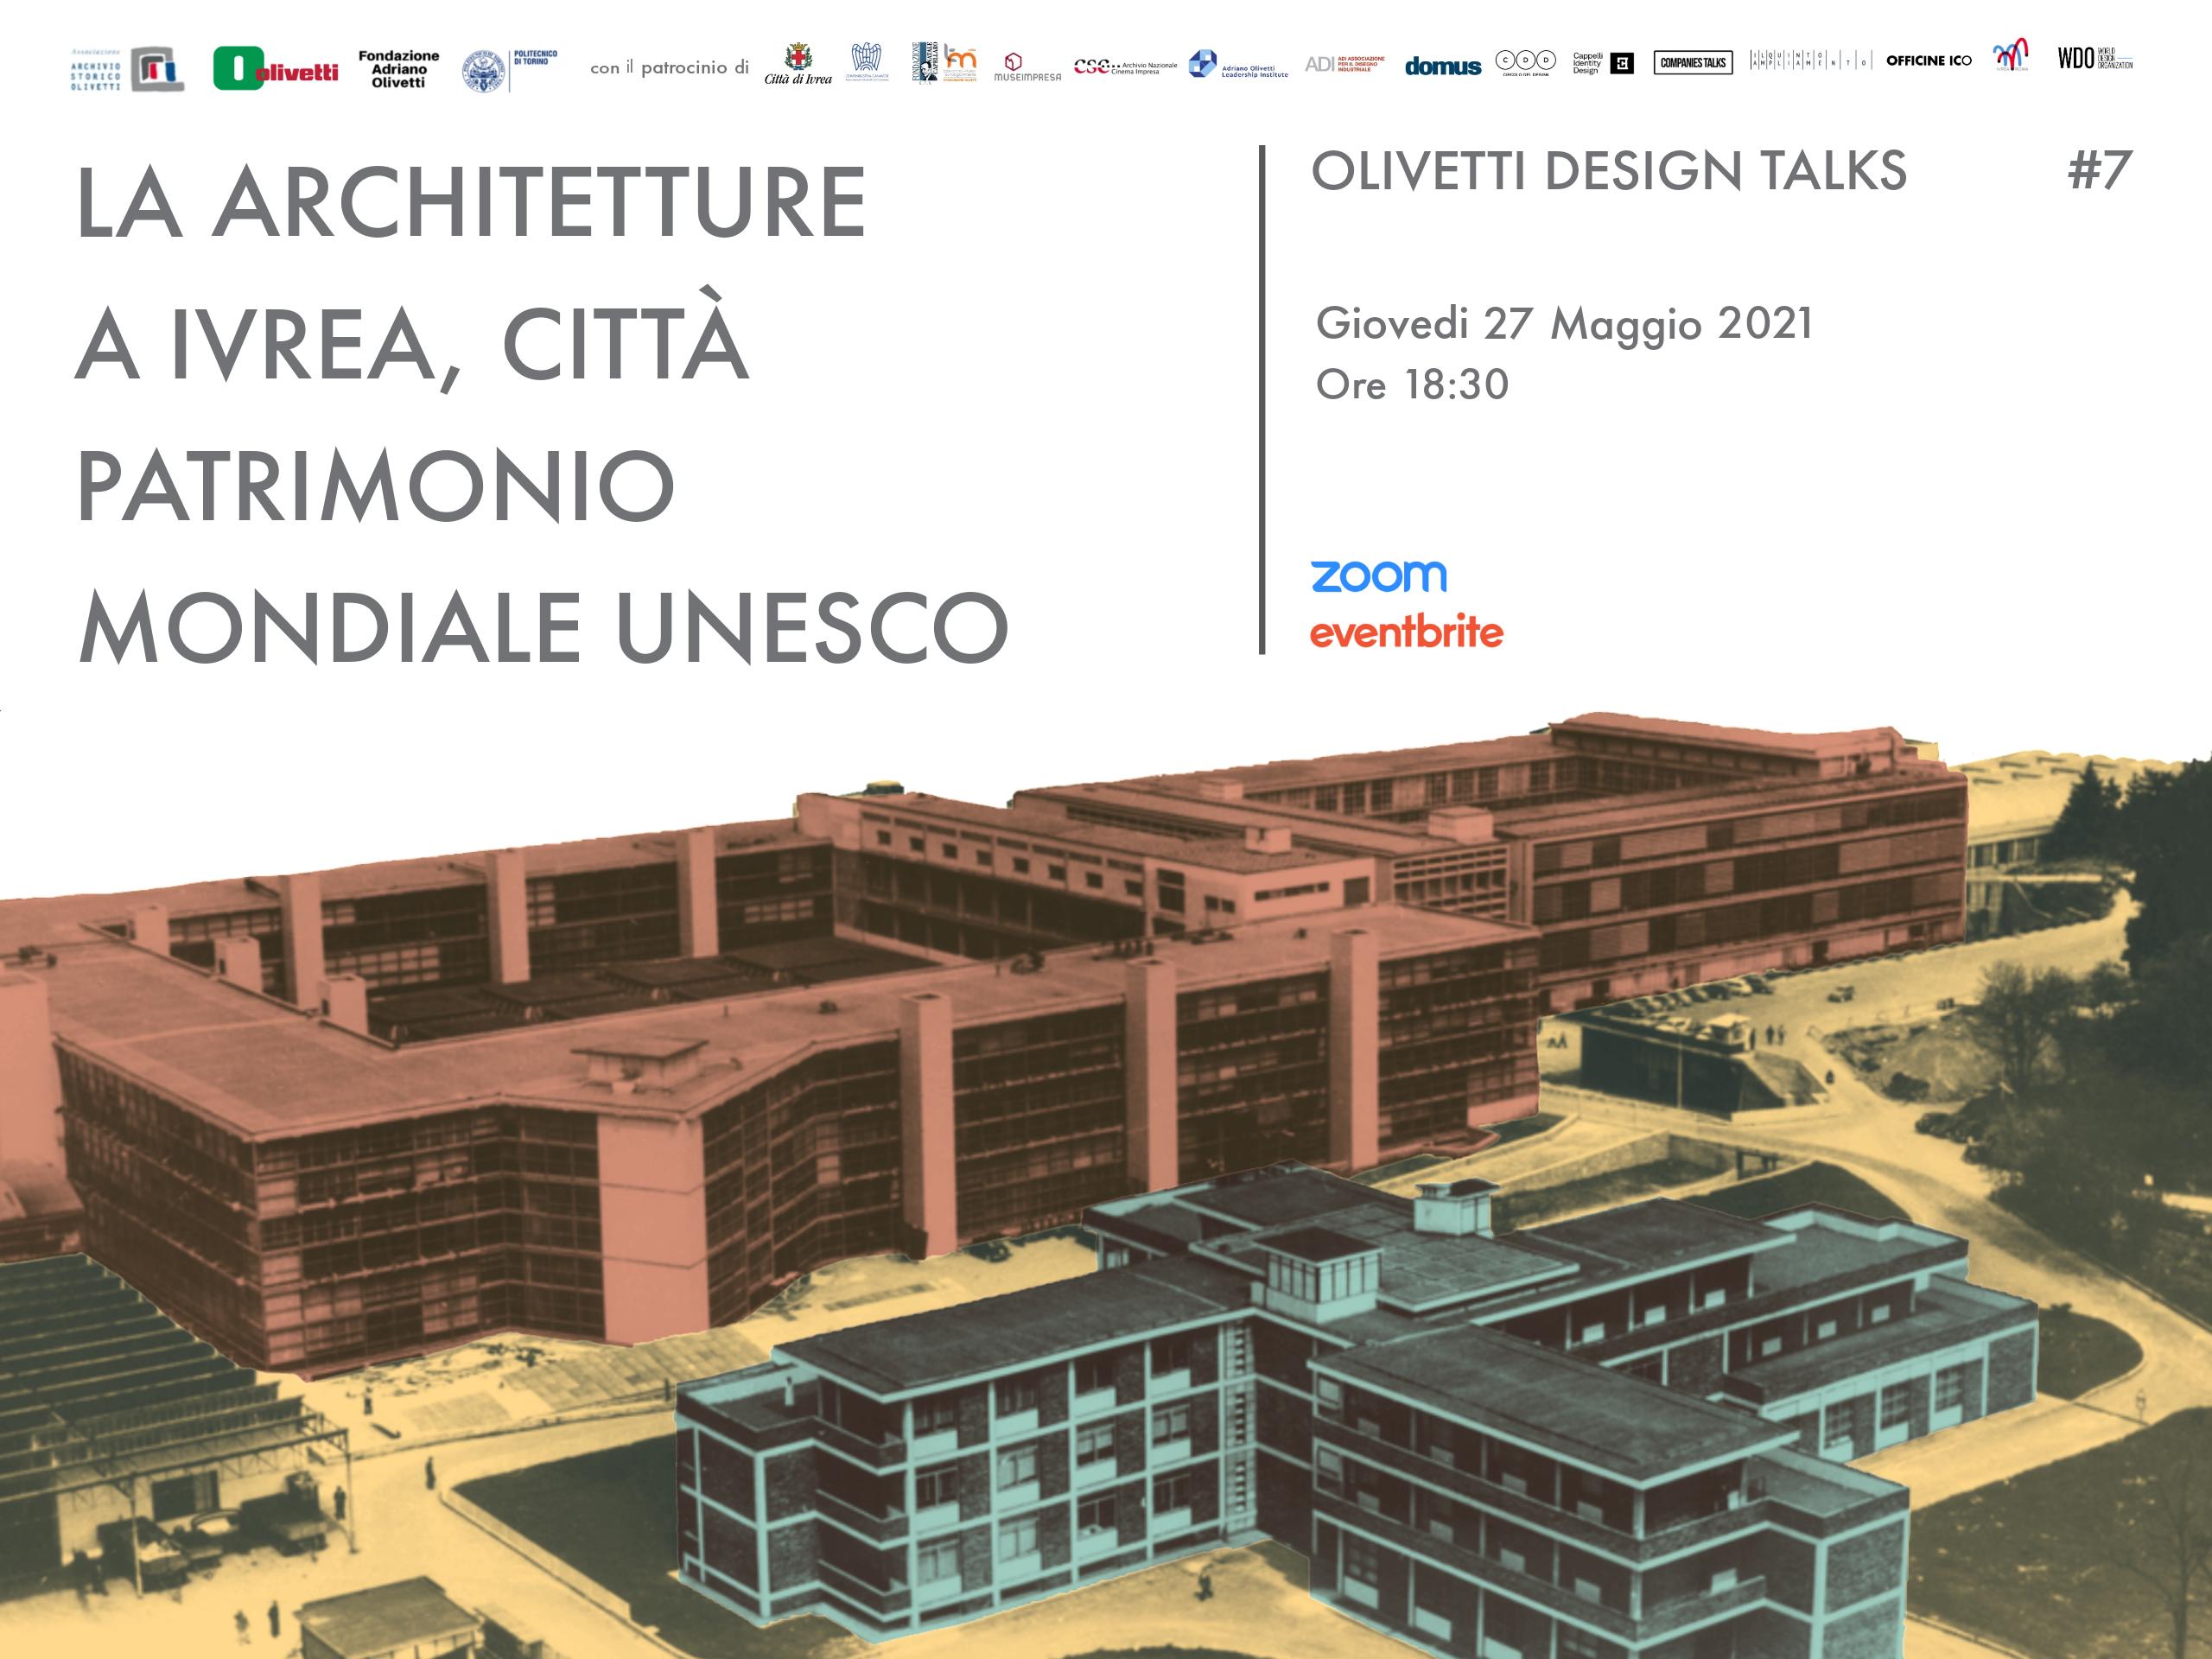 Le architetture a Ivrea, Città Industriale Patrimonio UNESCO